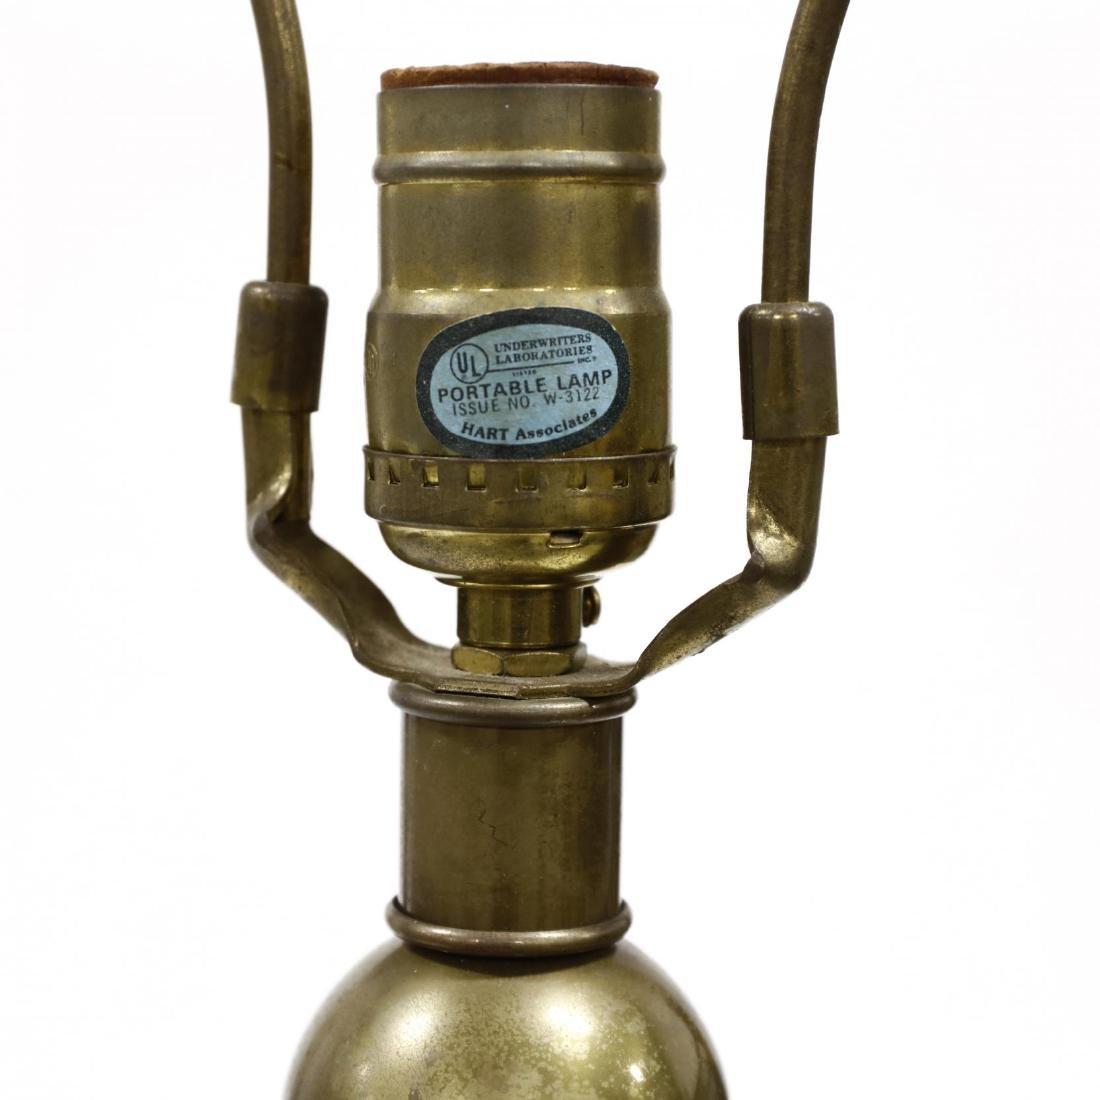 Hart Associates, Wood and Brass Floor Lamp - 3